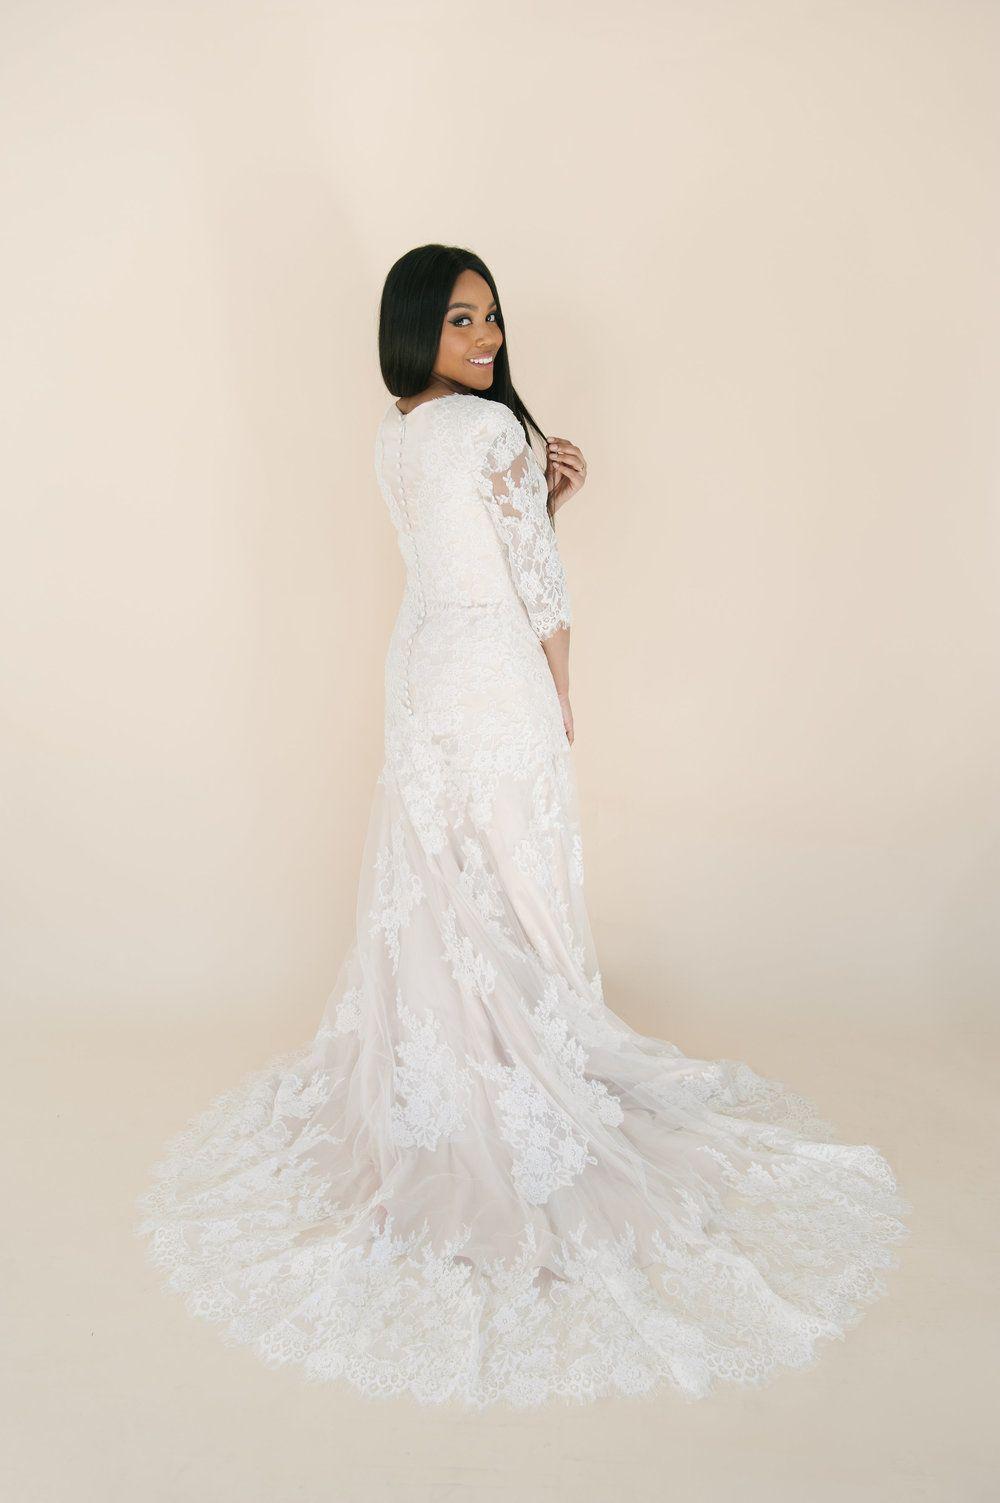 Avia iv with images dream wedding dresses